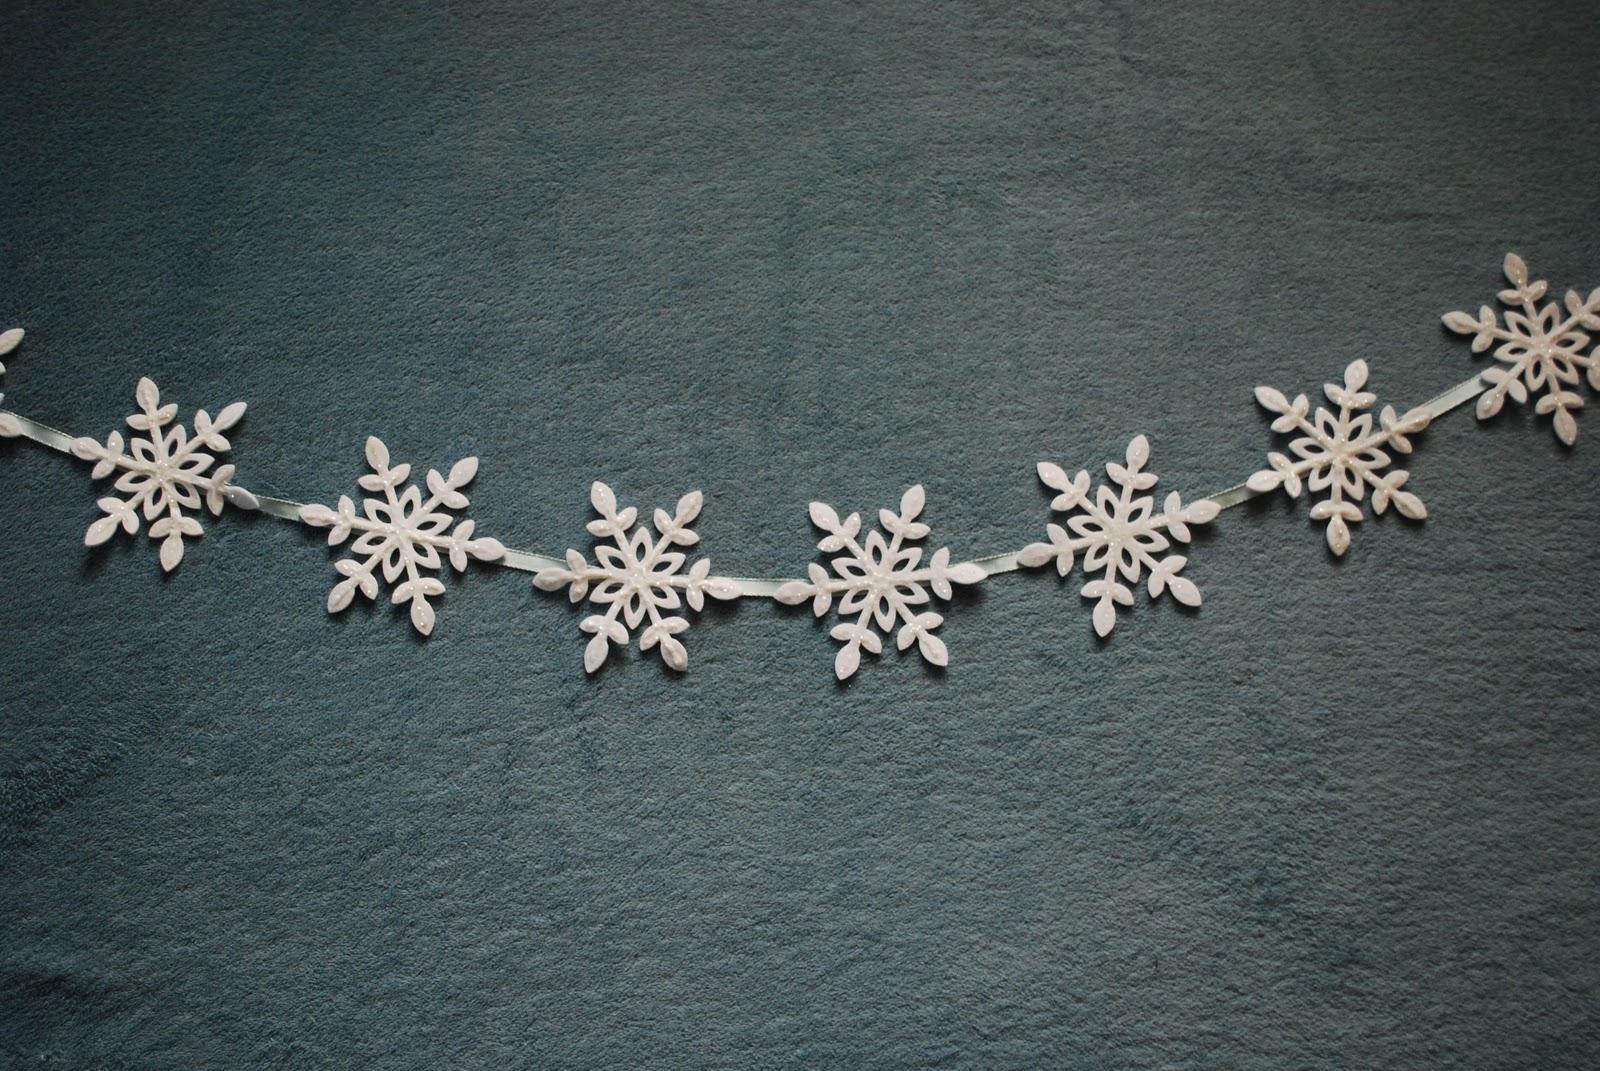 tendencias en la decoración y guirnaldas navideñas caseras, como hacer una guirnalda DIY de copos de nieve de fieltro